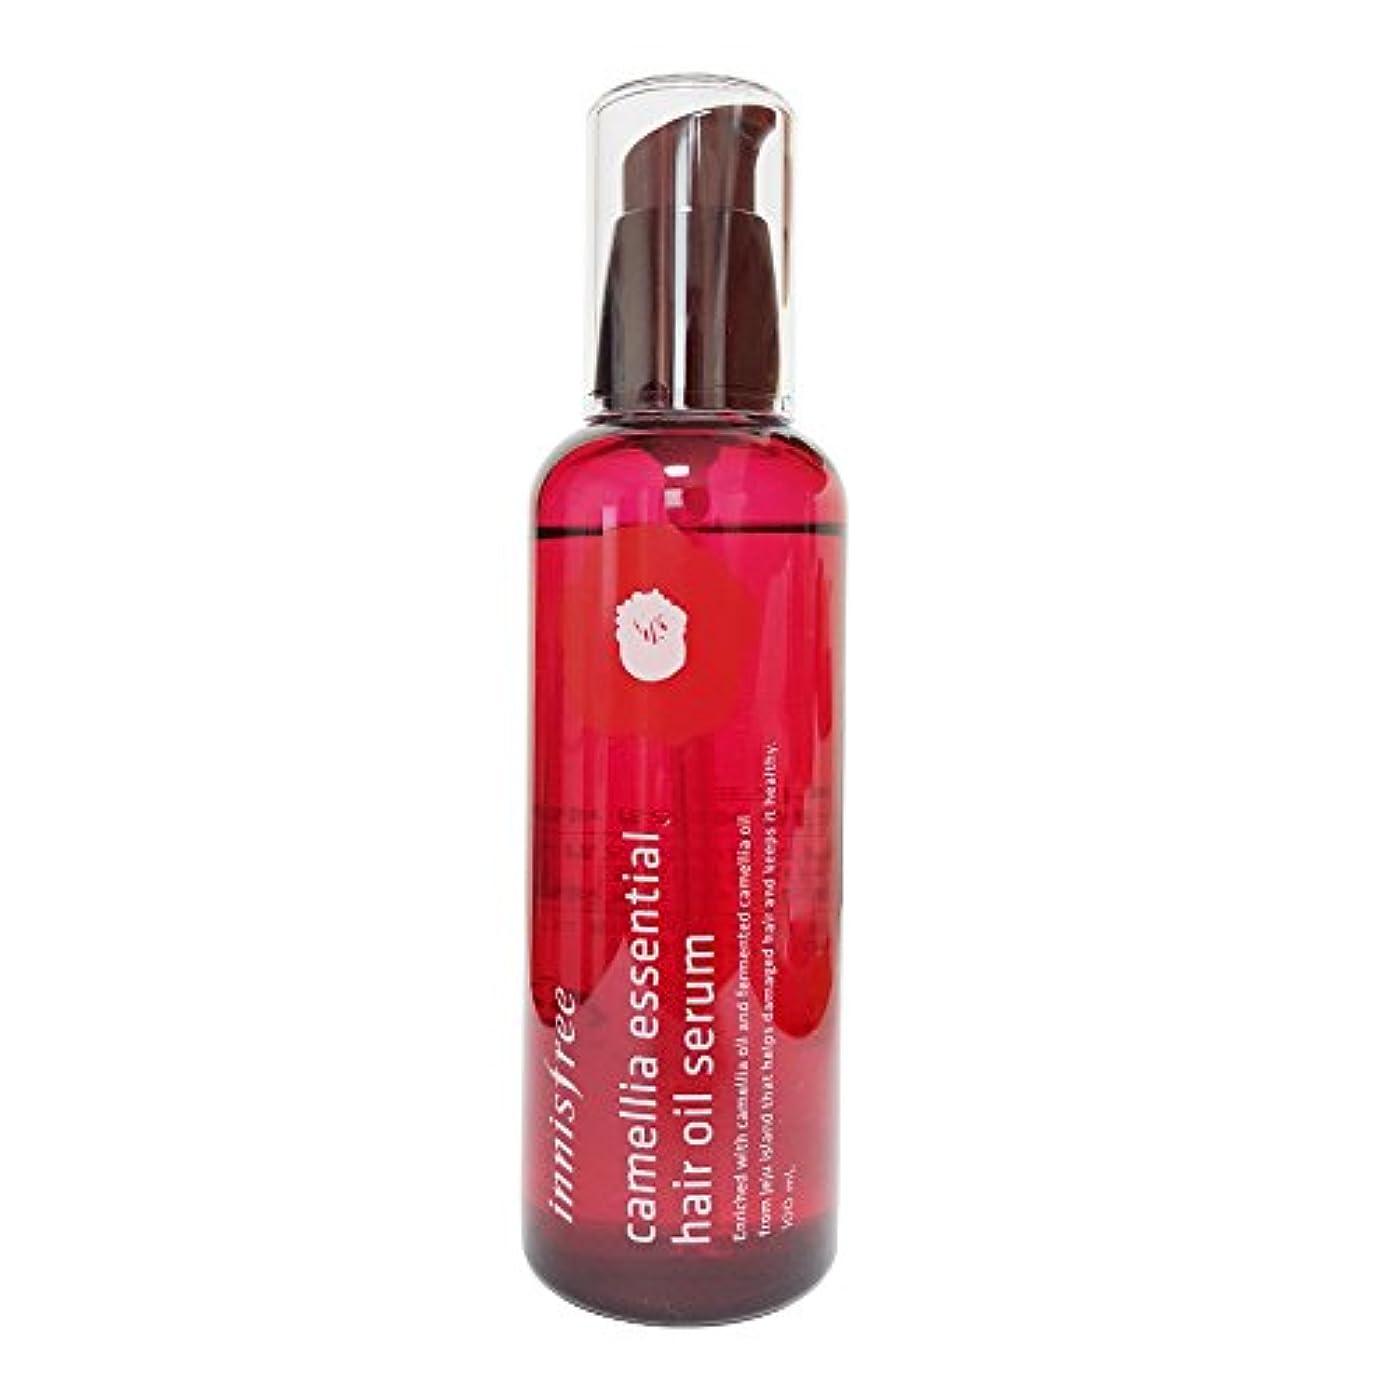 実現可能性つかむ近代化[イニスフリー] Innisfree カメリアエッセンシャル?ヘア?オイルセラム (100ml) Innisfree Camellia Essential Hair Oil Serum (100ml) [海外直送品]